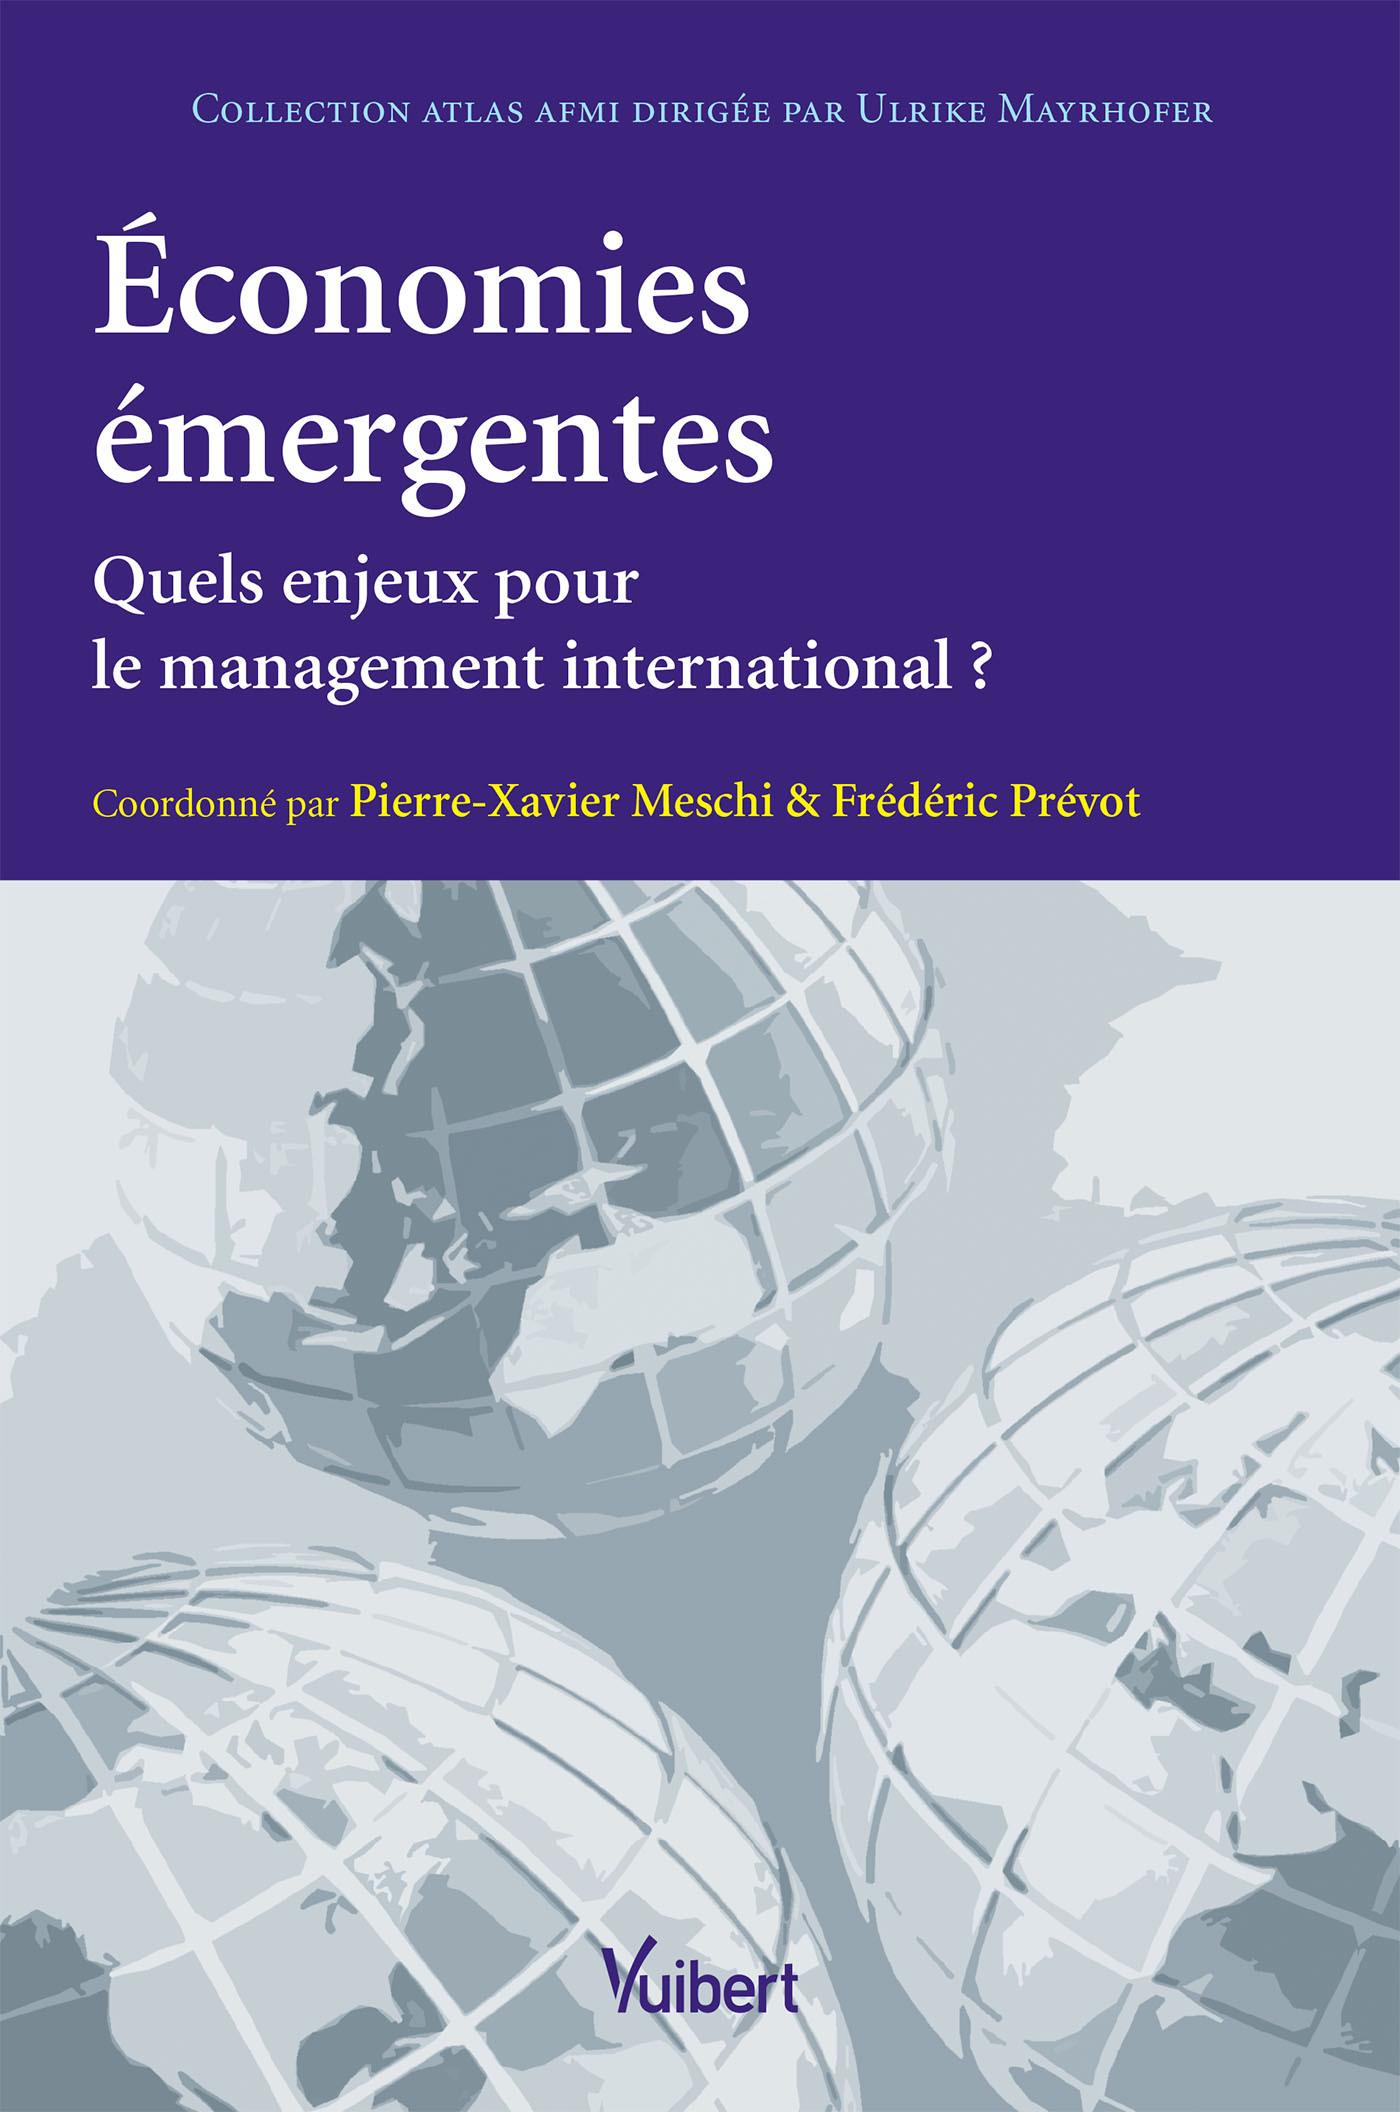 ECONOMIES EMERGENTES